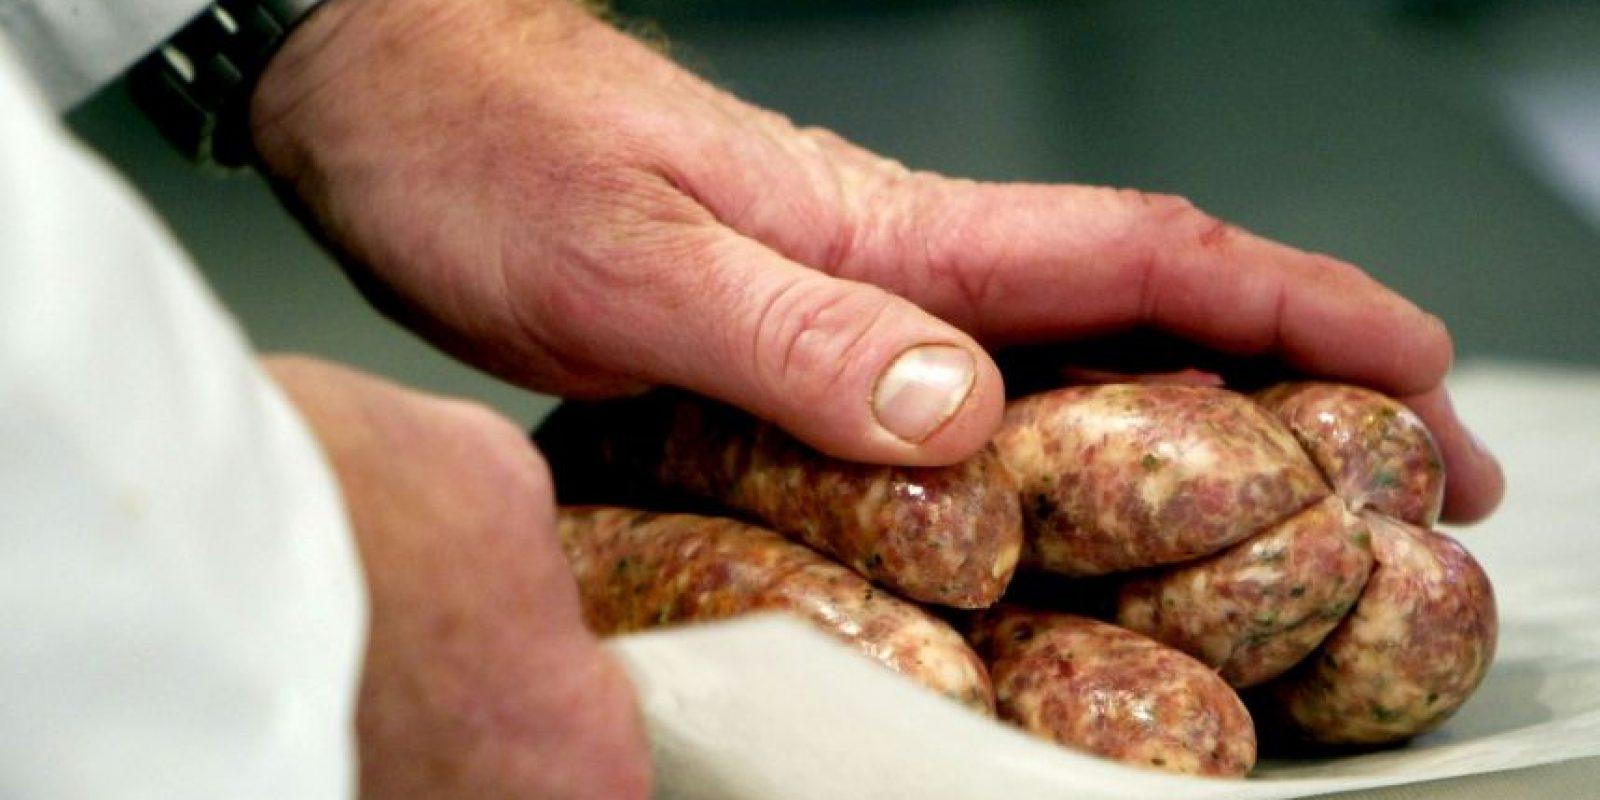 """7. Según la OMS, """"la mayoría de las carnes procesadas contienen carne de cerdo o de res, pero también pueden contener otras carnes rojas, aves, menudencias o subproductos cárnicos tales como la sangre"""". Foto:Getty Images"""